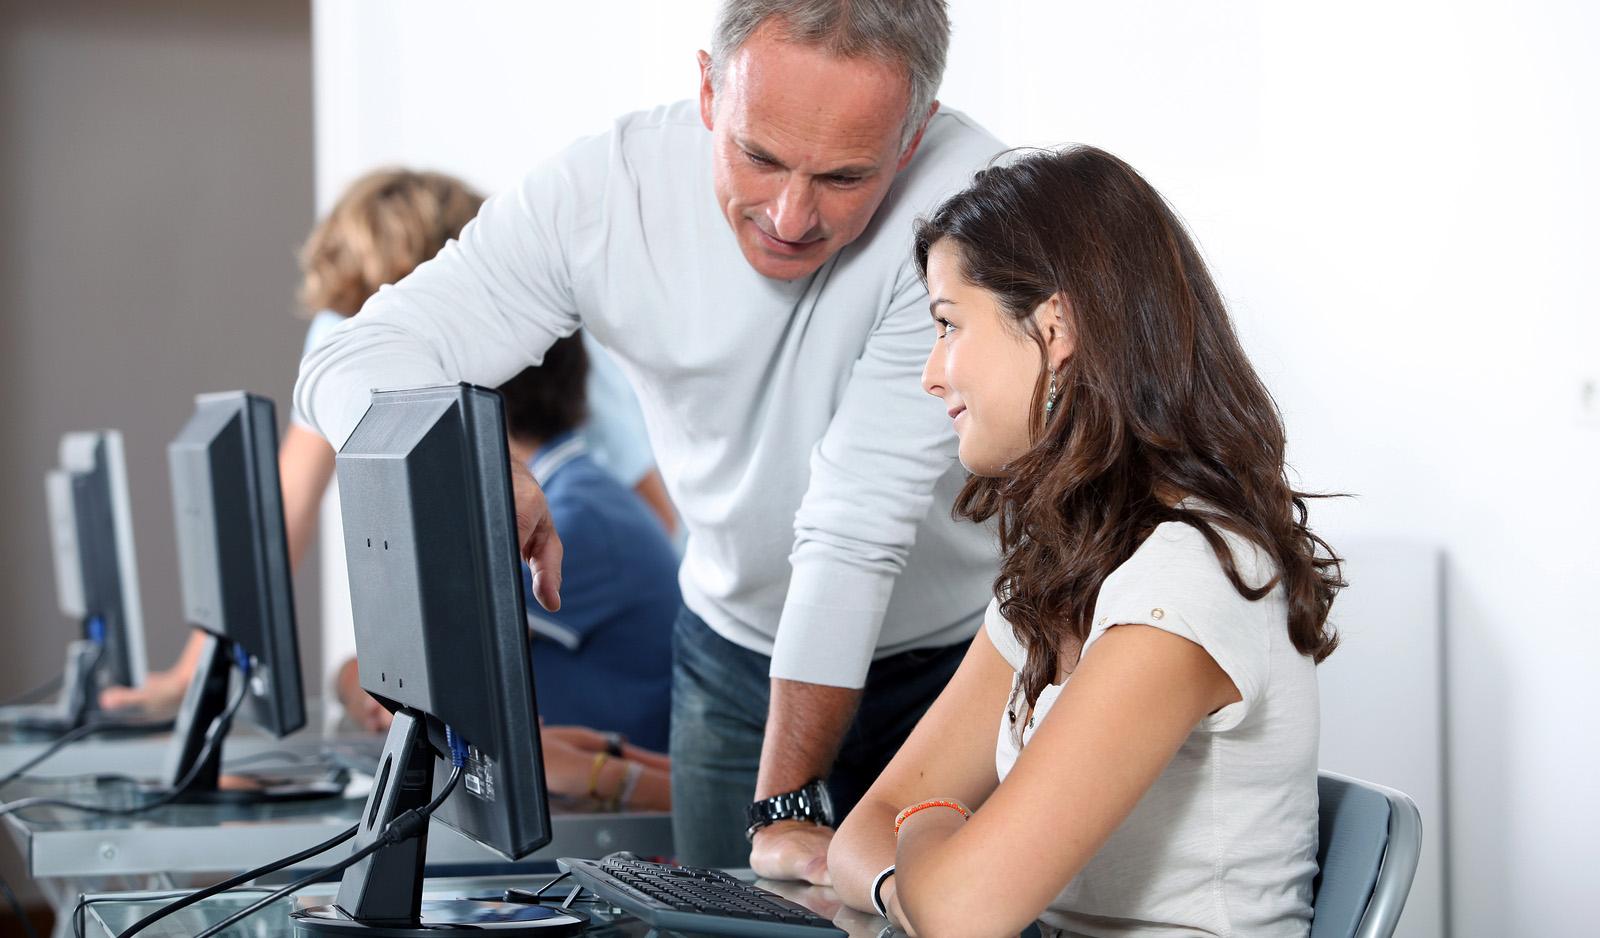 MS Office Seminar - Microsoft Office verstehen und anwenden